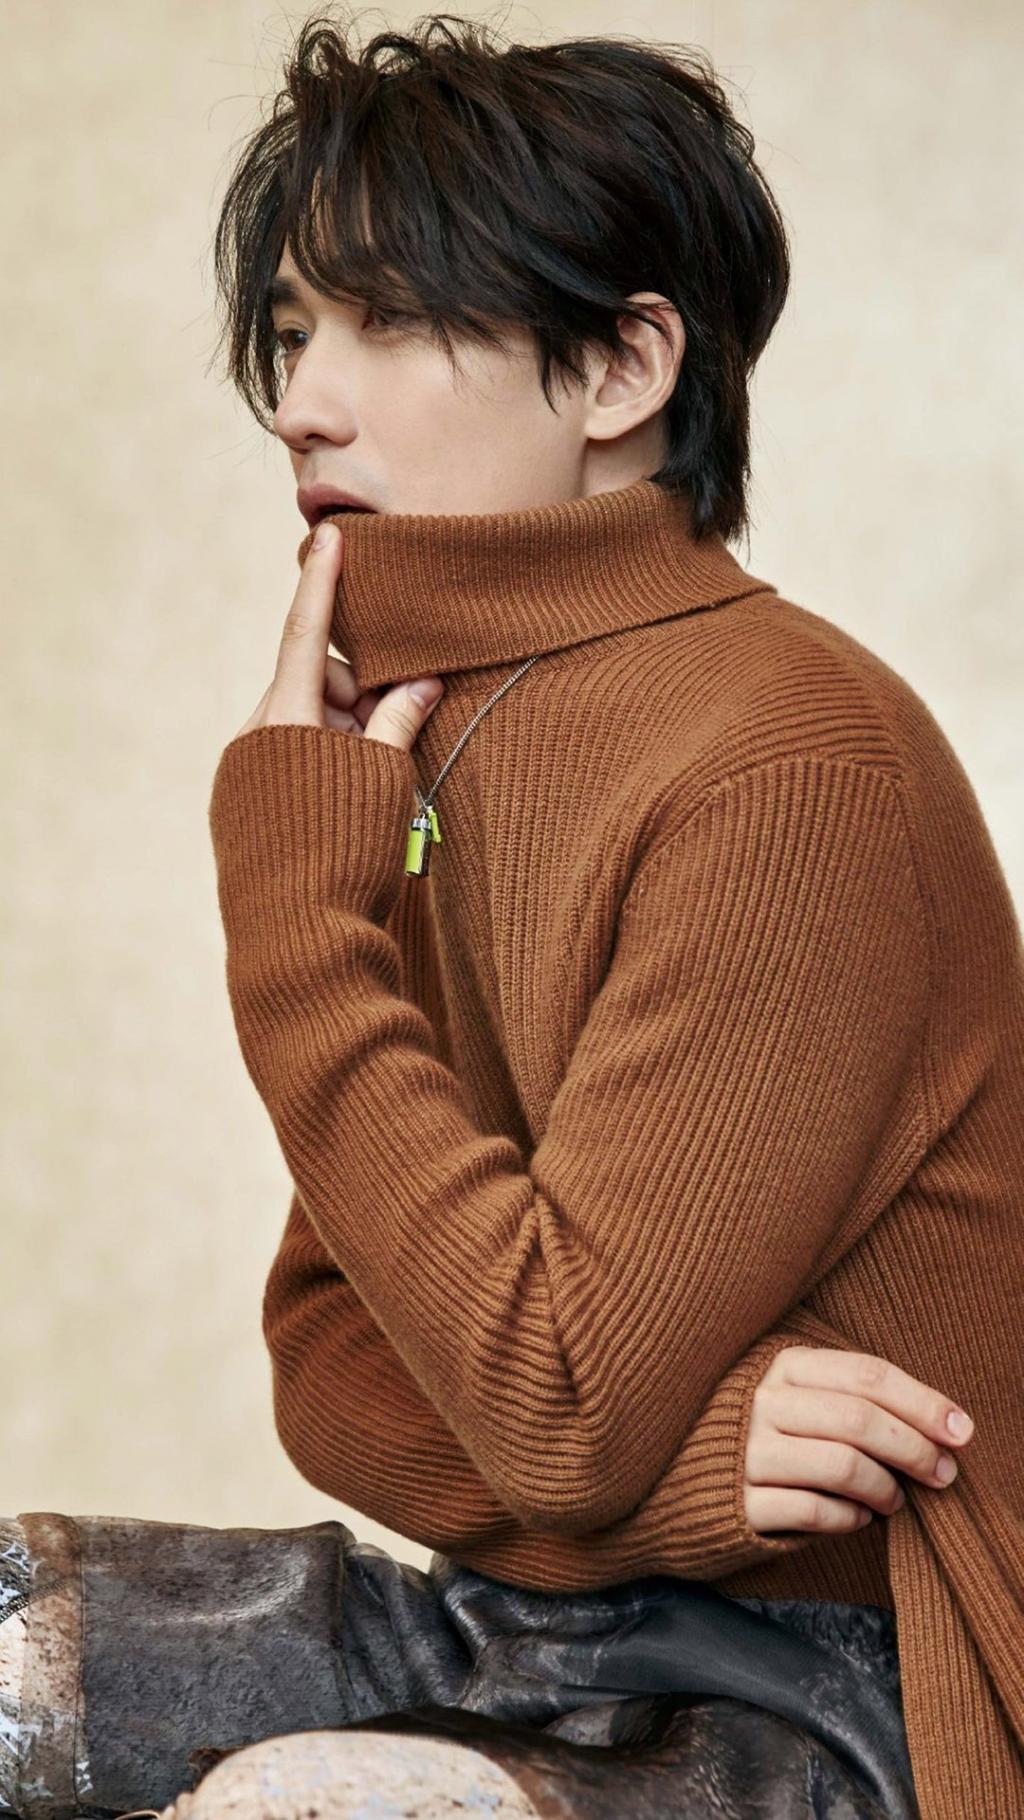 朱一龙时尚帅气写真